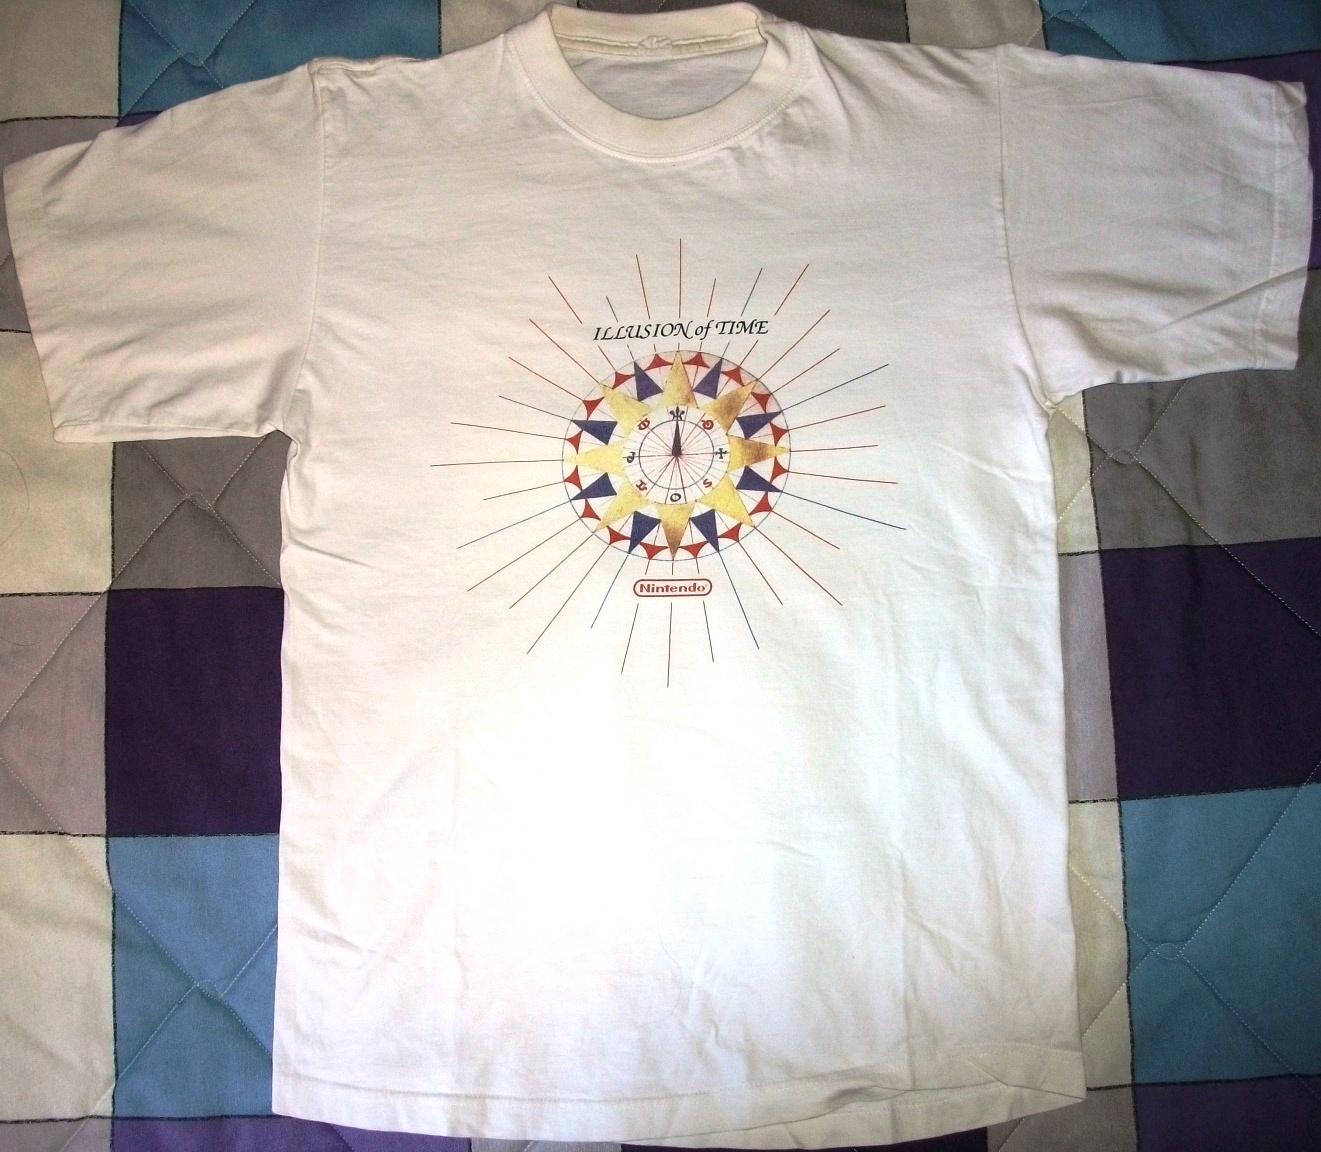 Illusion of Time - Camiseta oficial